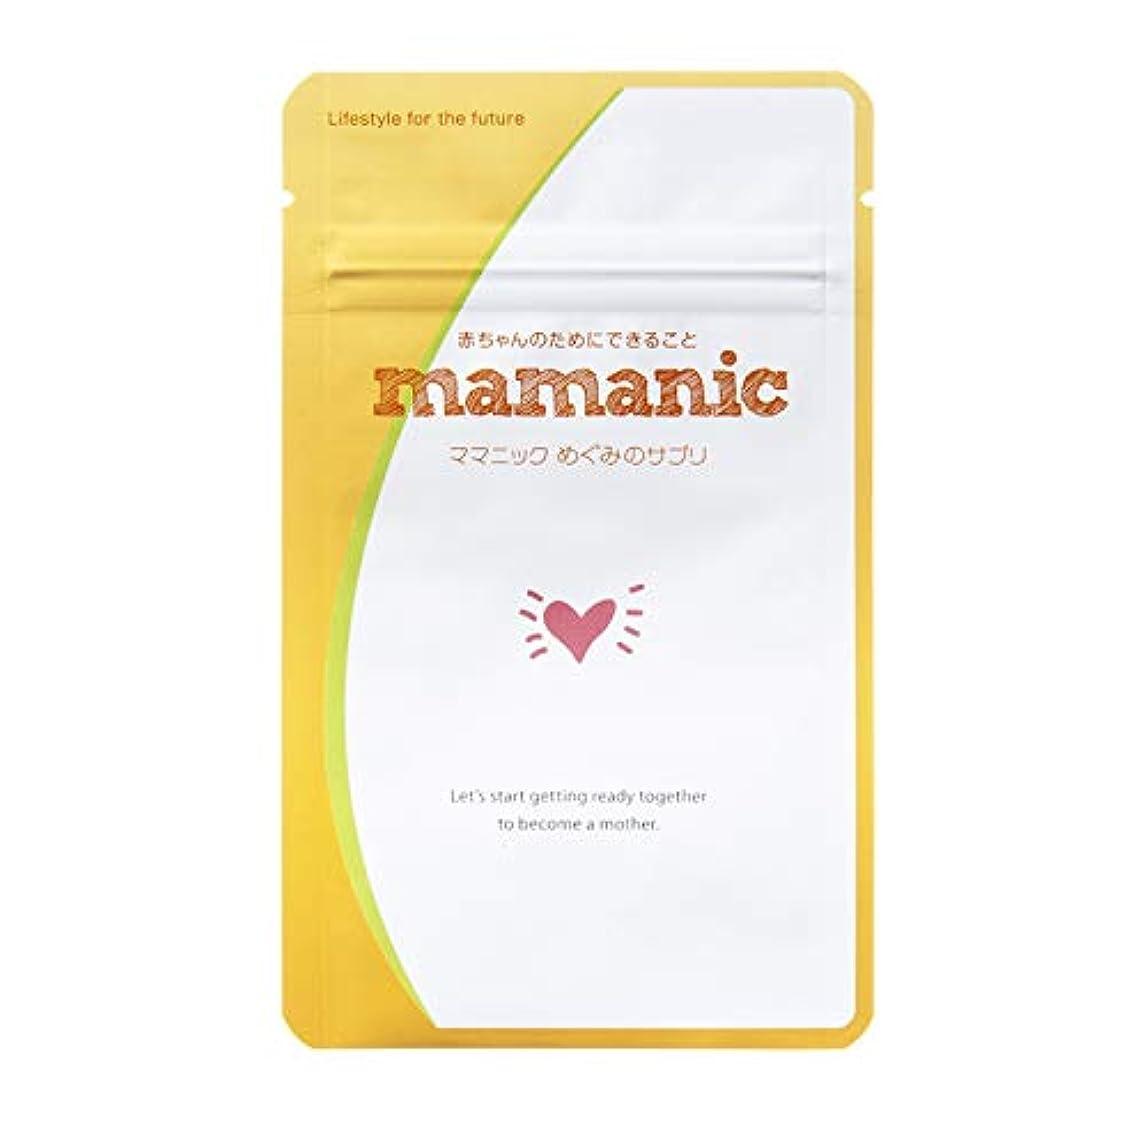 ドラフト明確な理論ママニック めぐみのサプリ 妊活 サプリメント マカ 1袋 62粒入 ビタミンC 鉄分 女性 男性